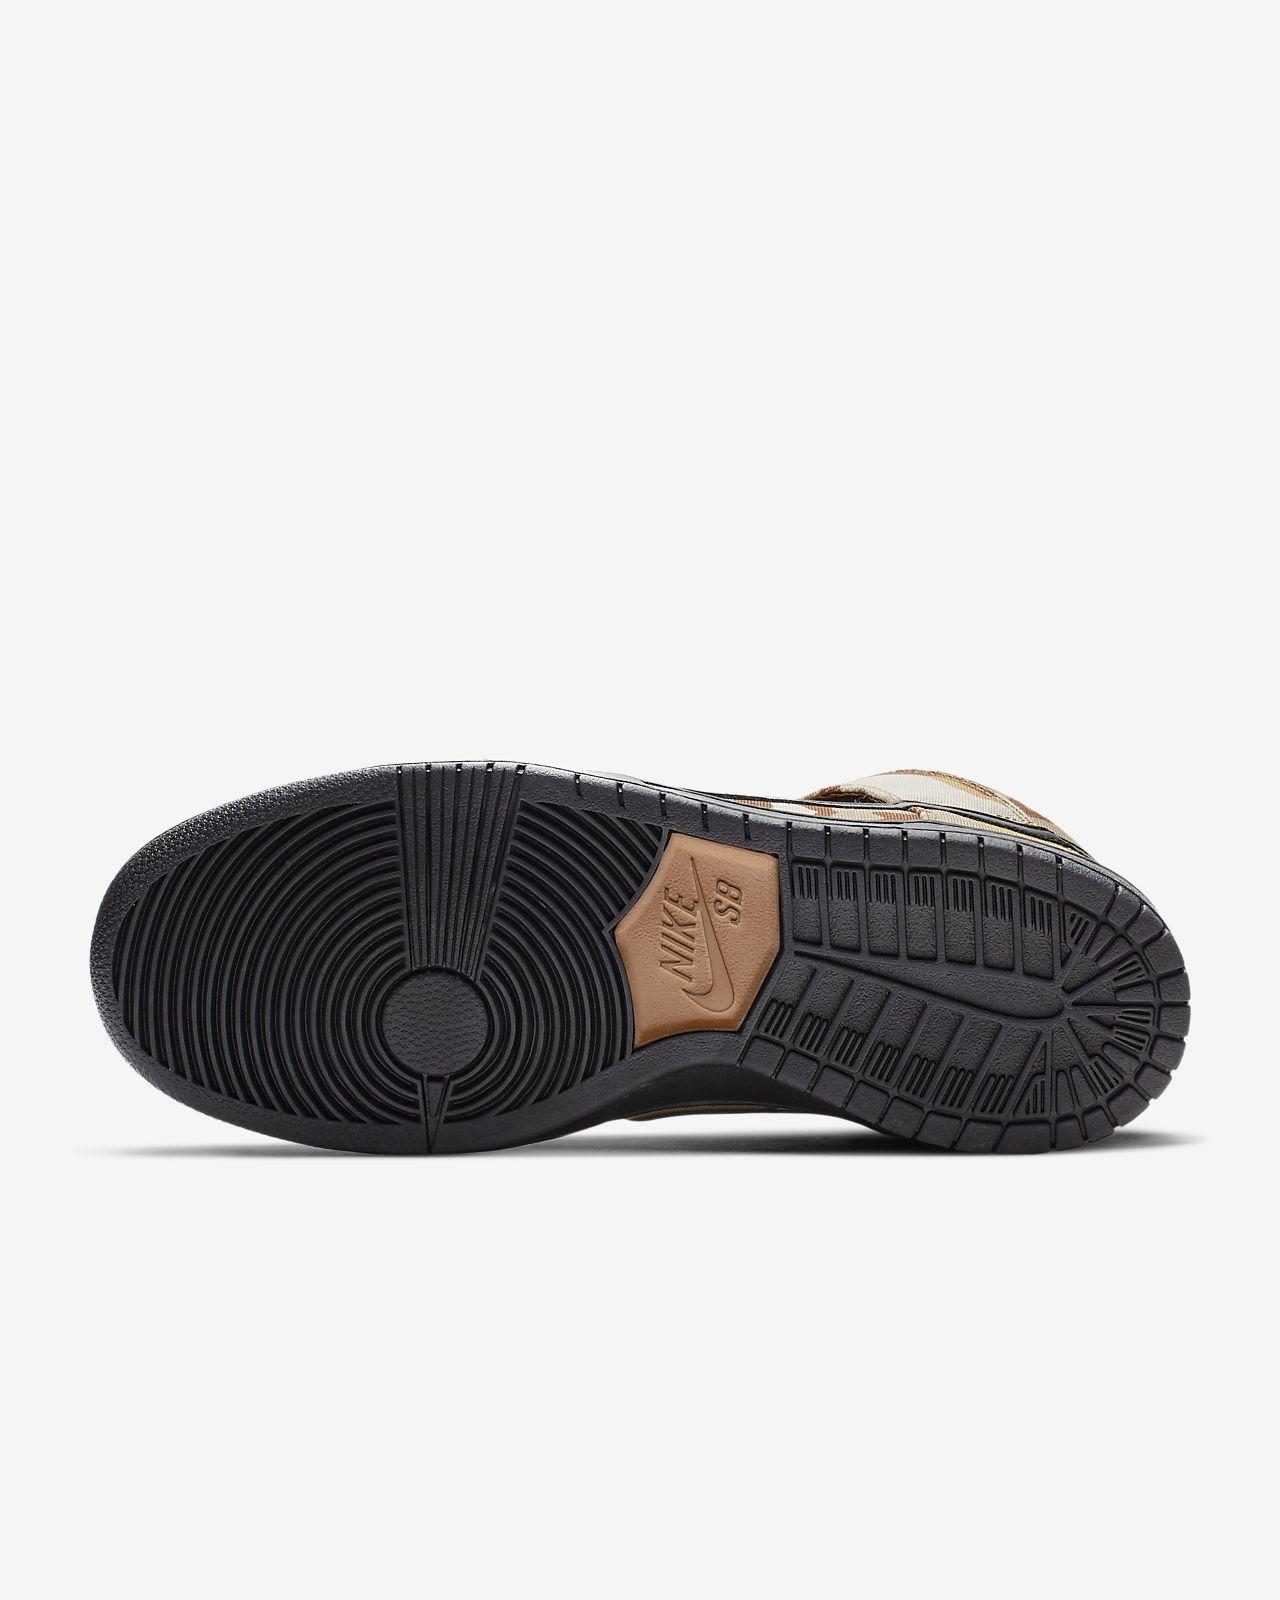 timeless design 65e38 57a90 Nike SB Dunk High Pro Men's Skate Shoe